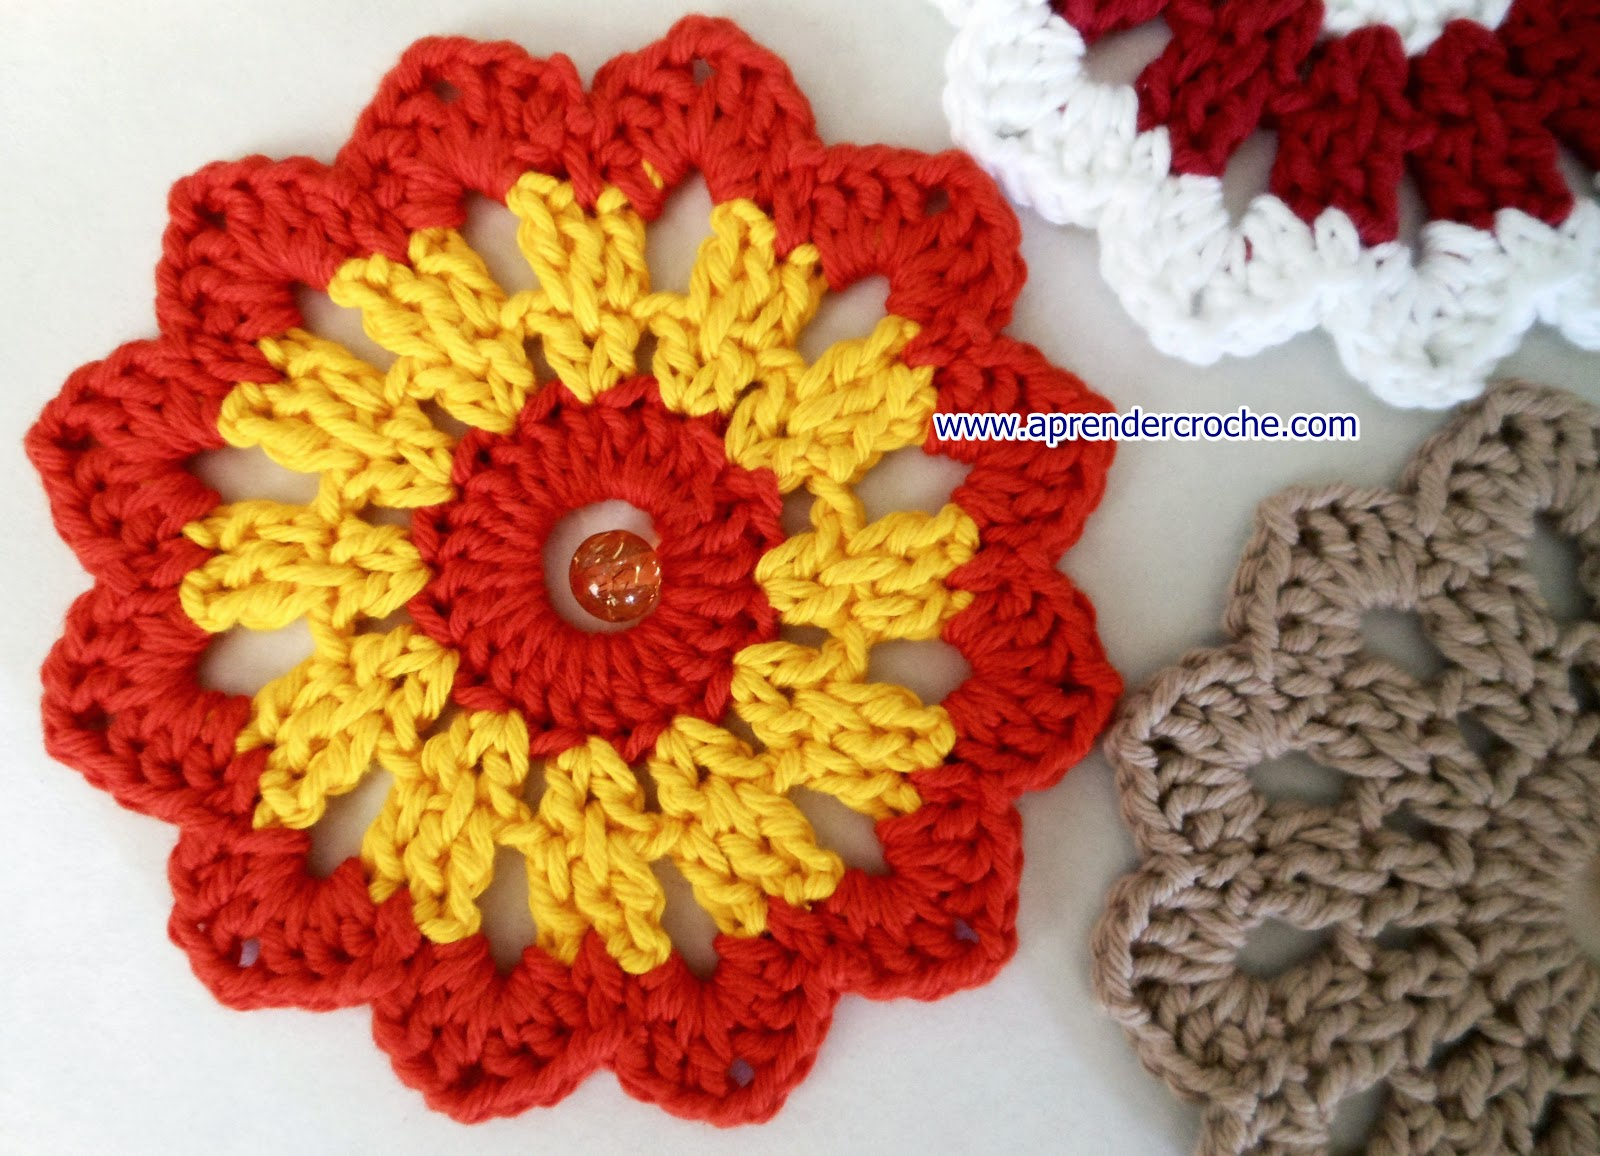 aprender croche com toalhinhas caminhos toalhas mesa dvd curso de croche loja